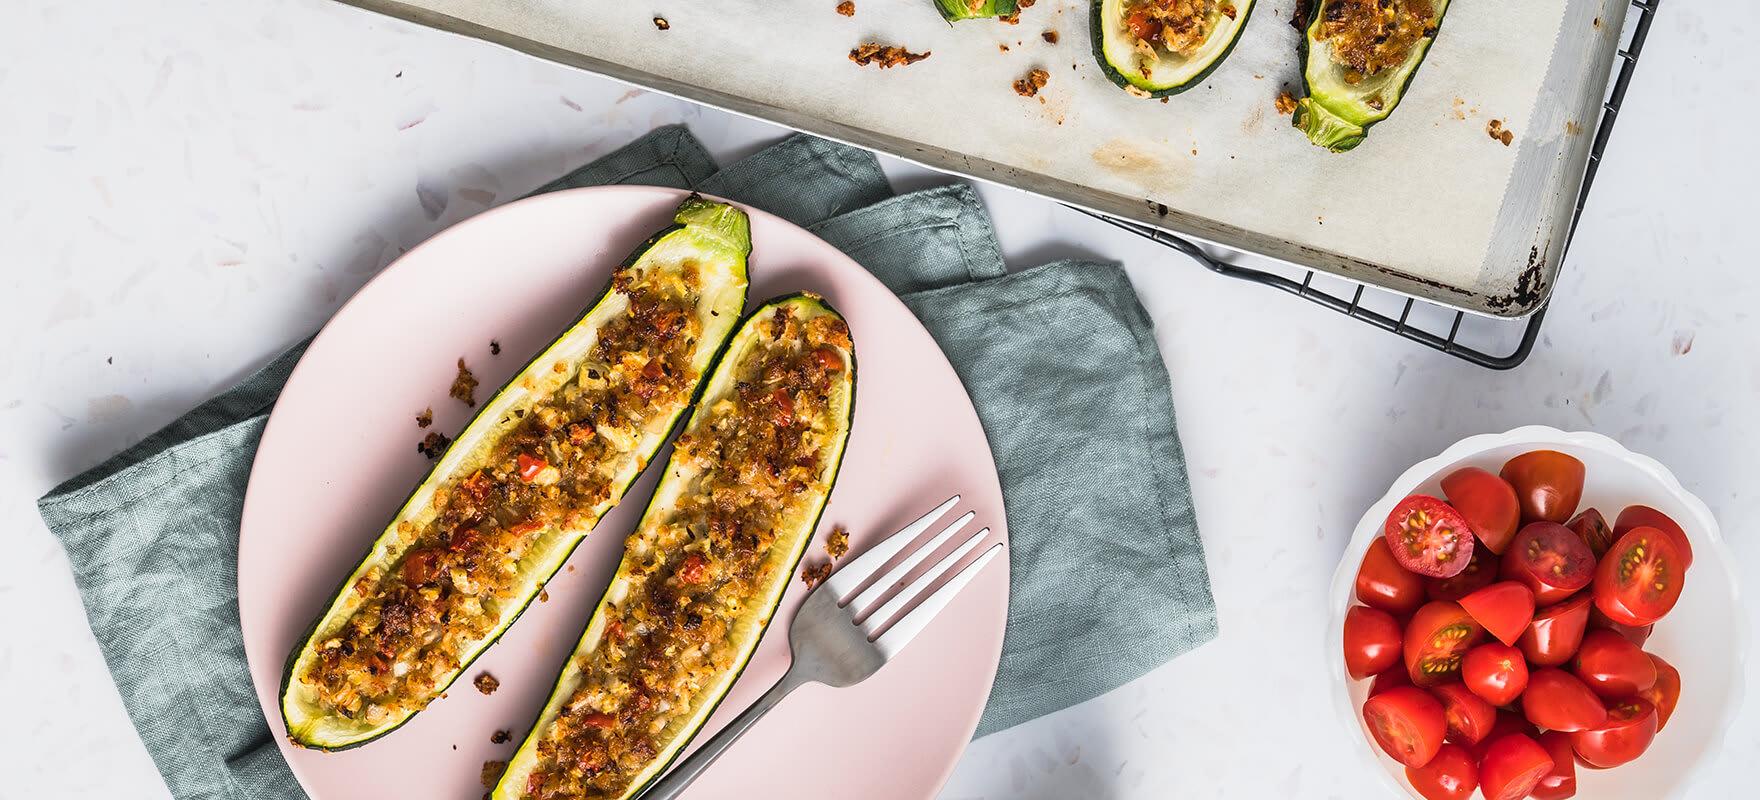 Stuffed zucchini boats image 2